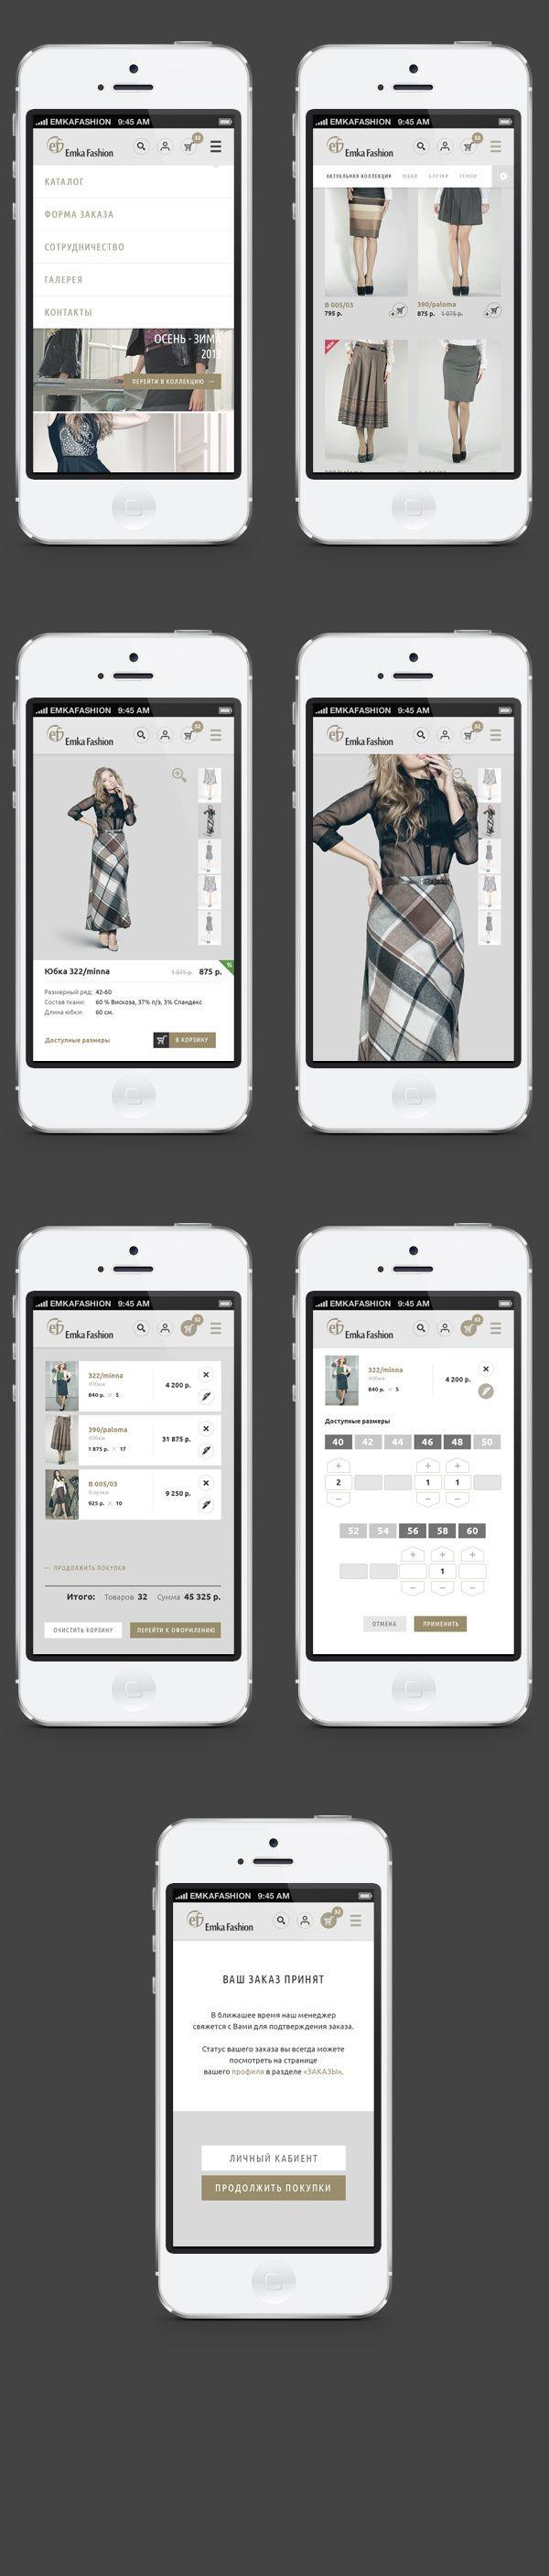 Interface d'un utilisateur d'un site de magasinage pour mobile